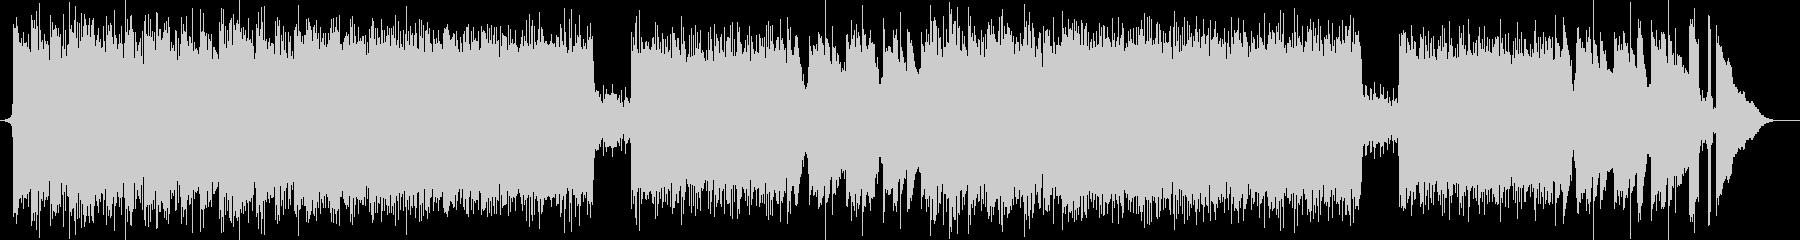 軽快なピアノミュージックの未再生の波形